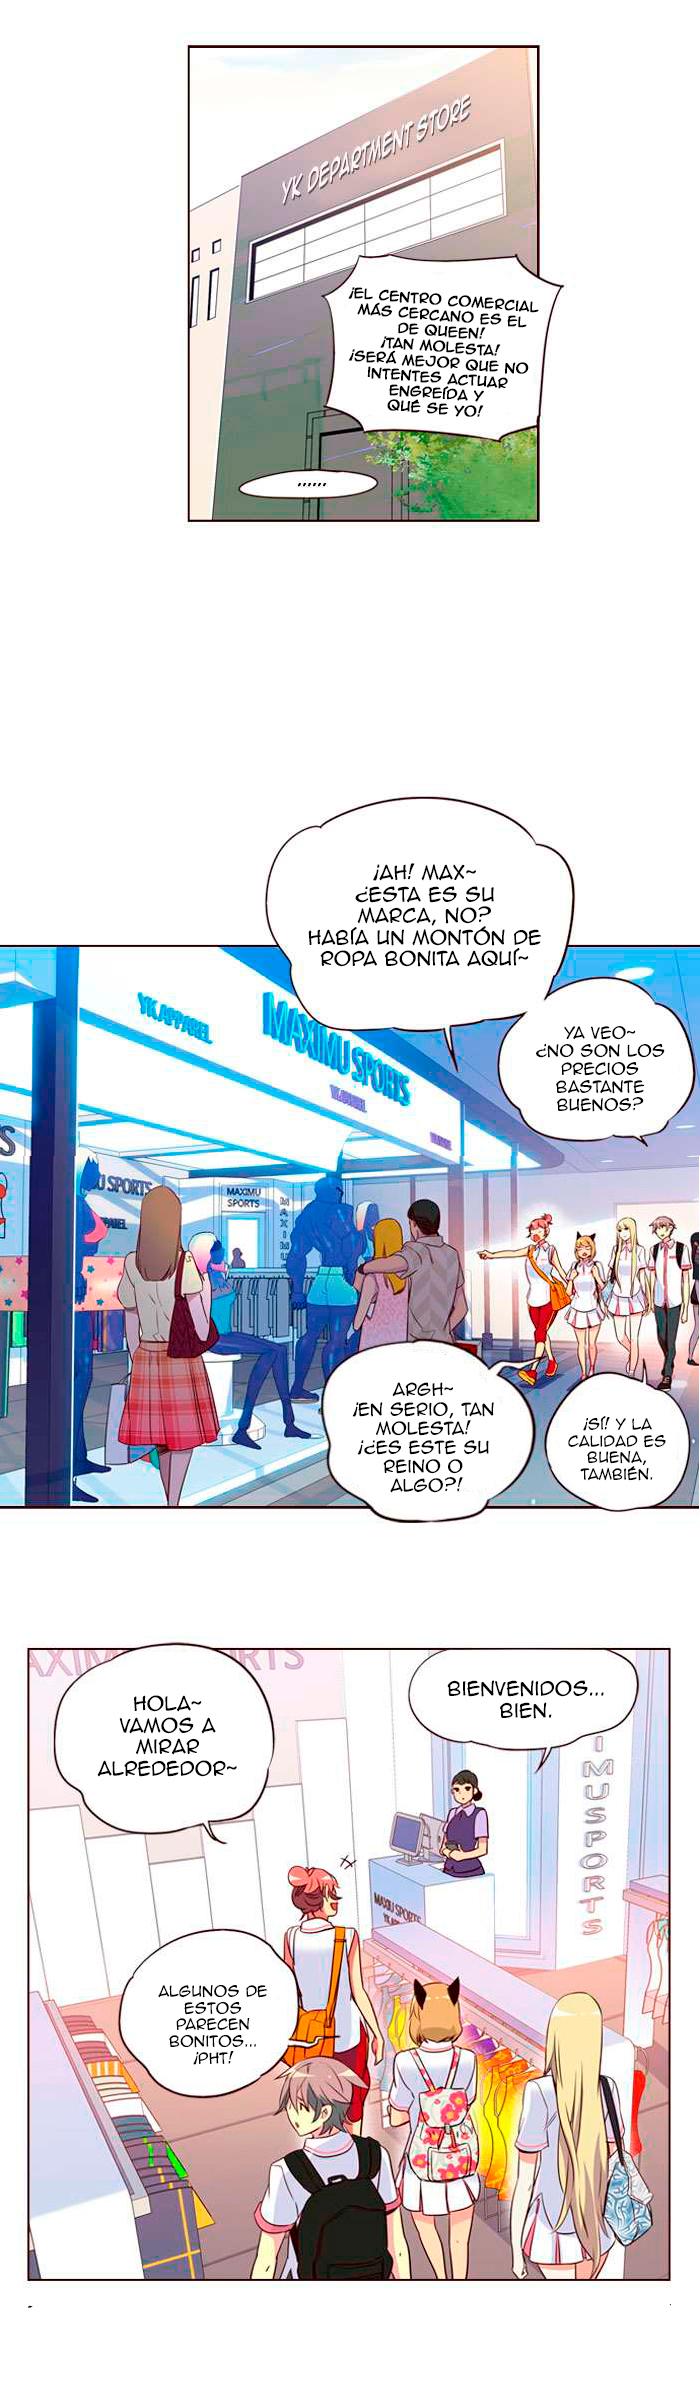 http://c5.ninemanga.com/es_manga/32/416/428935/e5dbdd576ea2eaf81e601a65208f8d3a.jpg Page 10